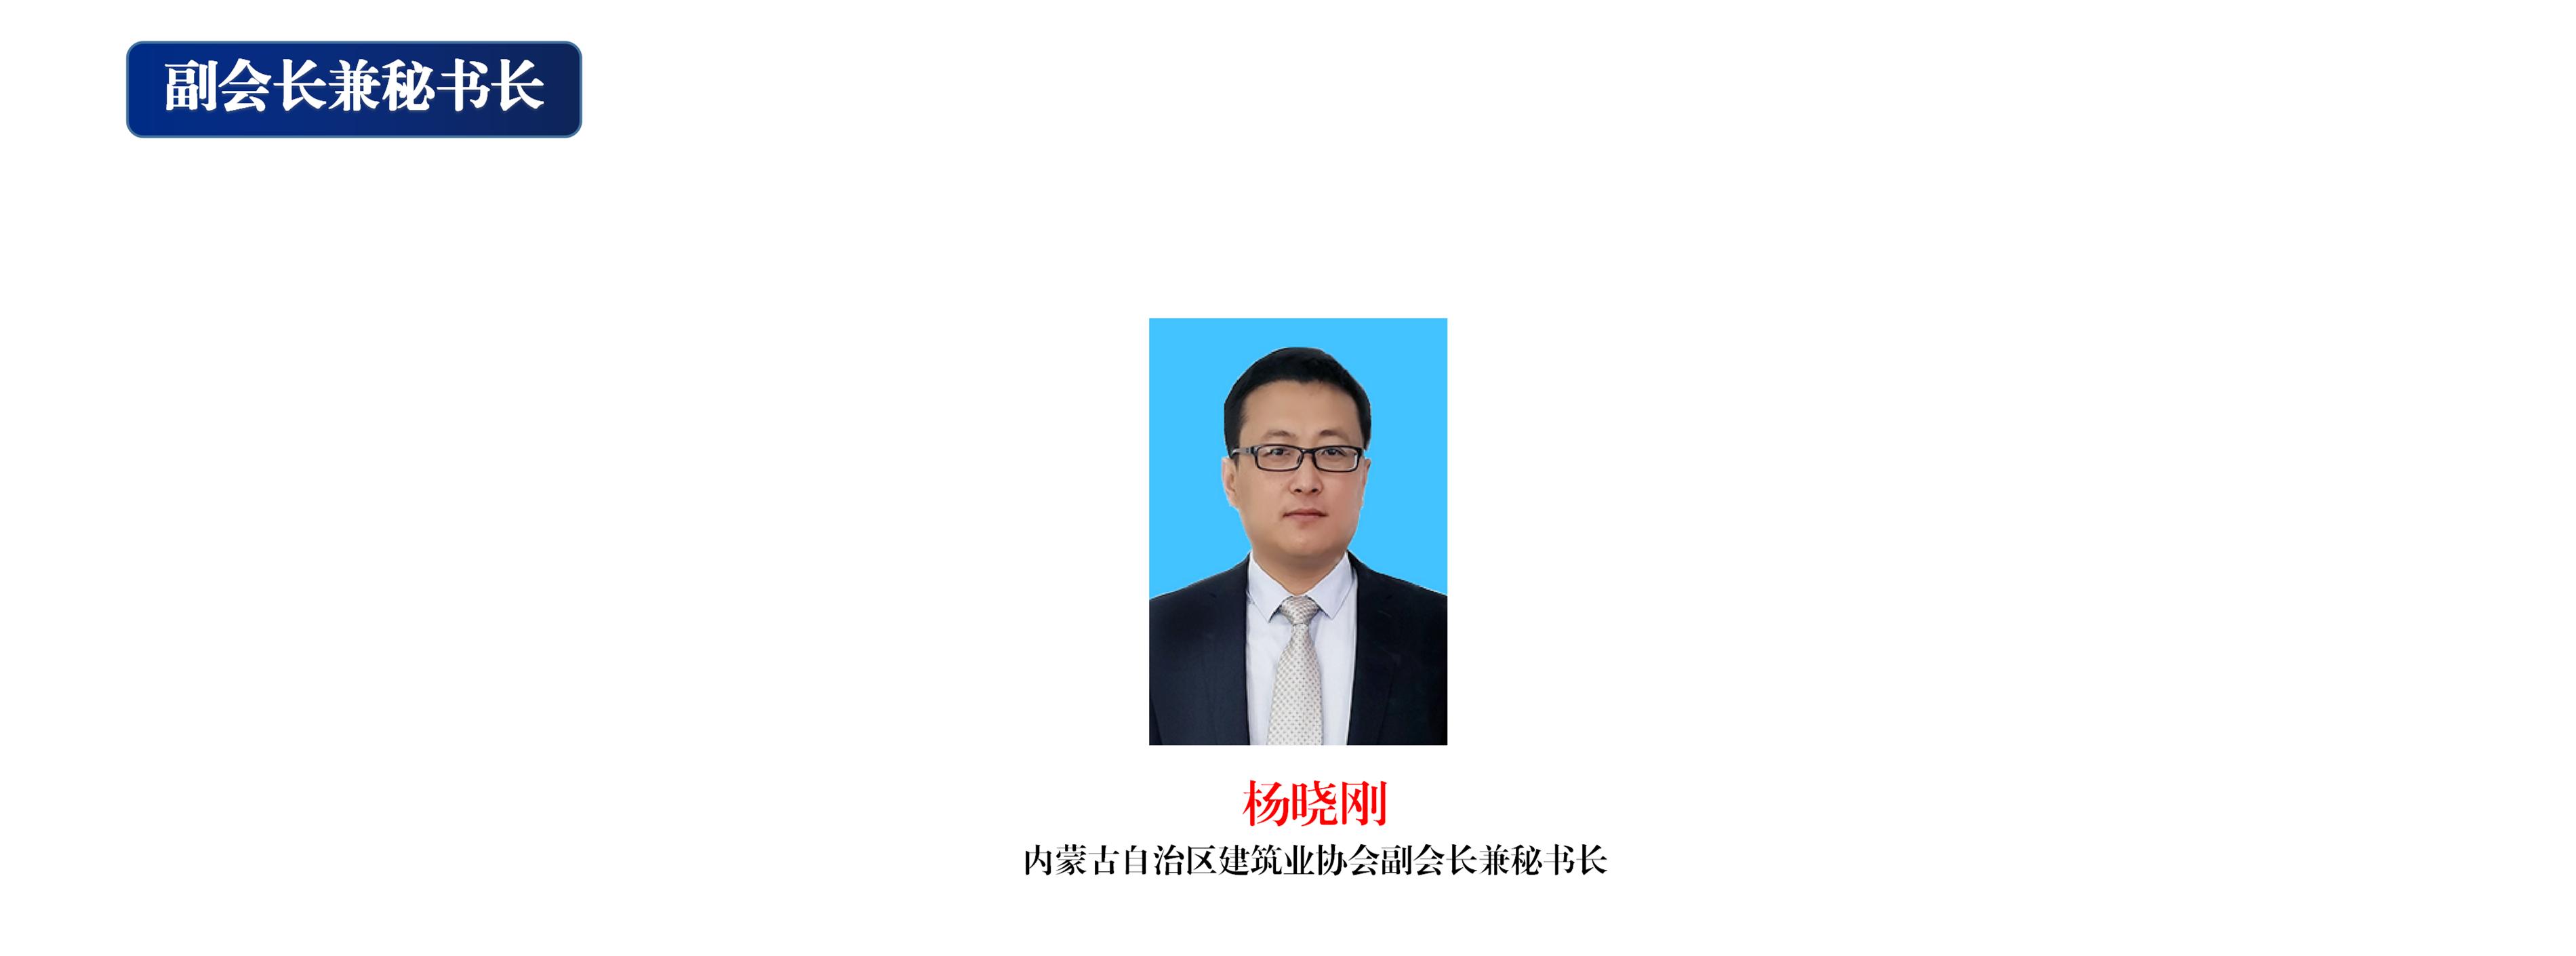 协会领导图_05.png